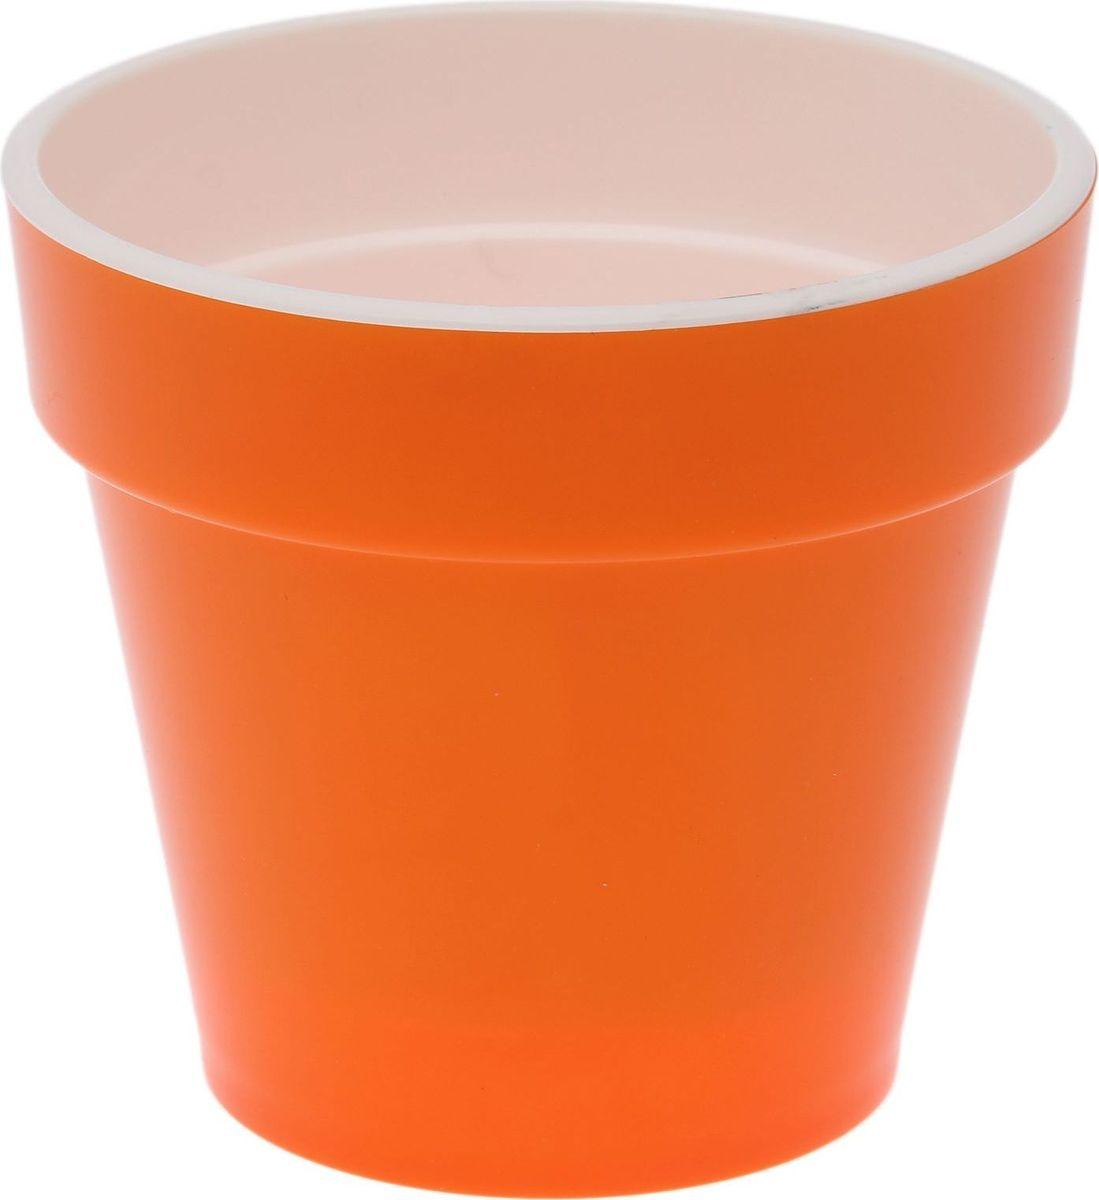 Кашпо JetPlast Порто, со вставкой, цвет: оранжевый, 1 л кашпо jetplast альфа с креплением цвет кремовый 1 л